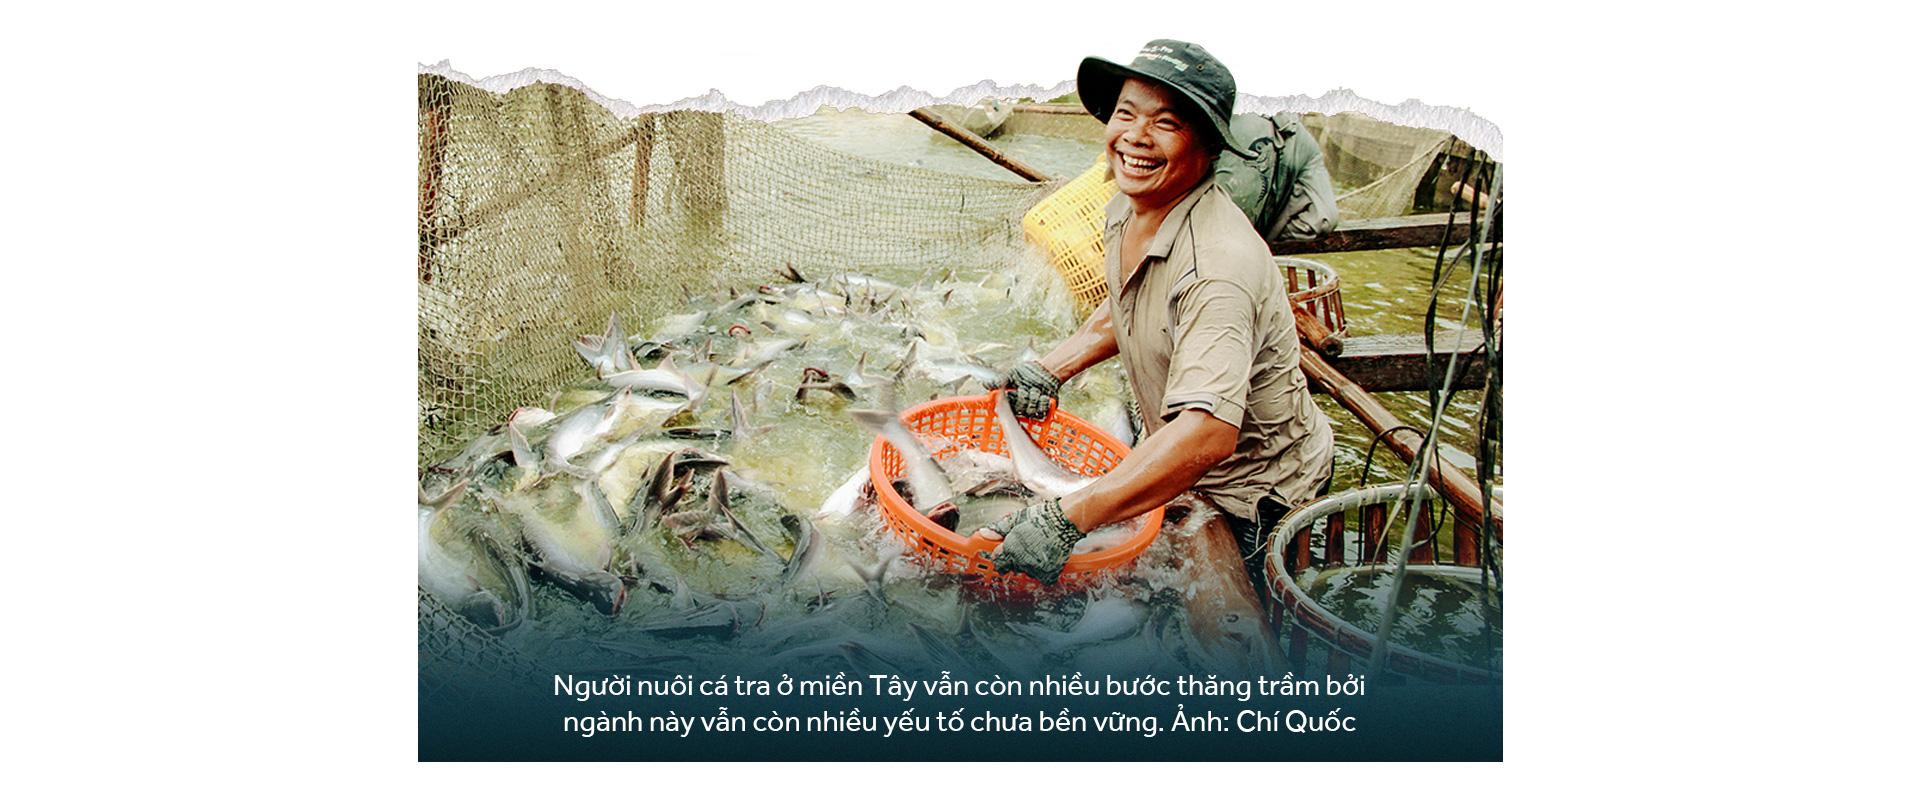 Đồng bằng sông Cửu Long: 35 năm thay da đổi thịt - Ảnh 21.